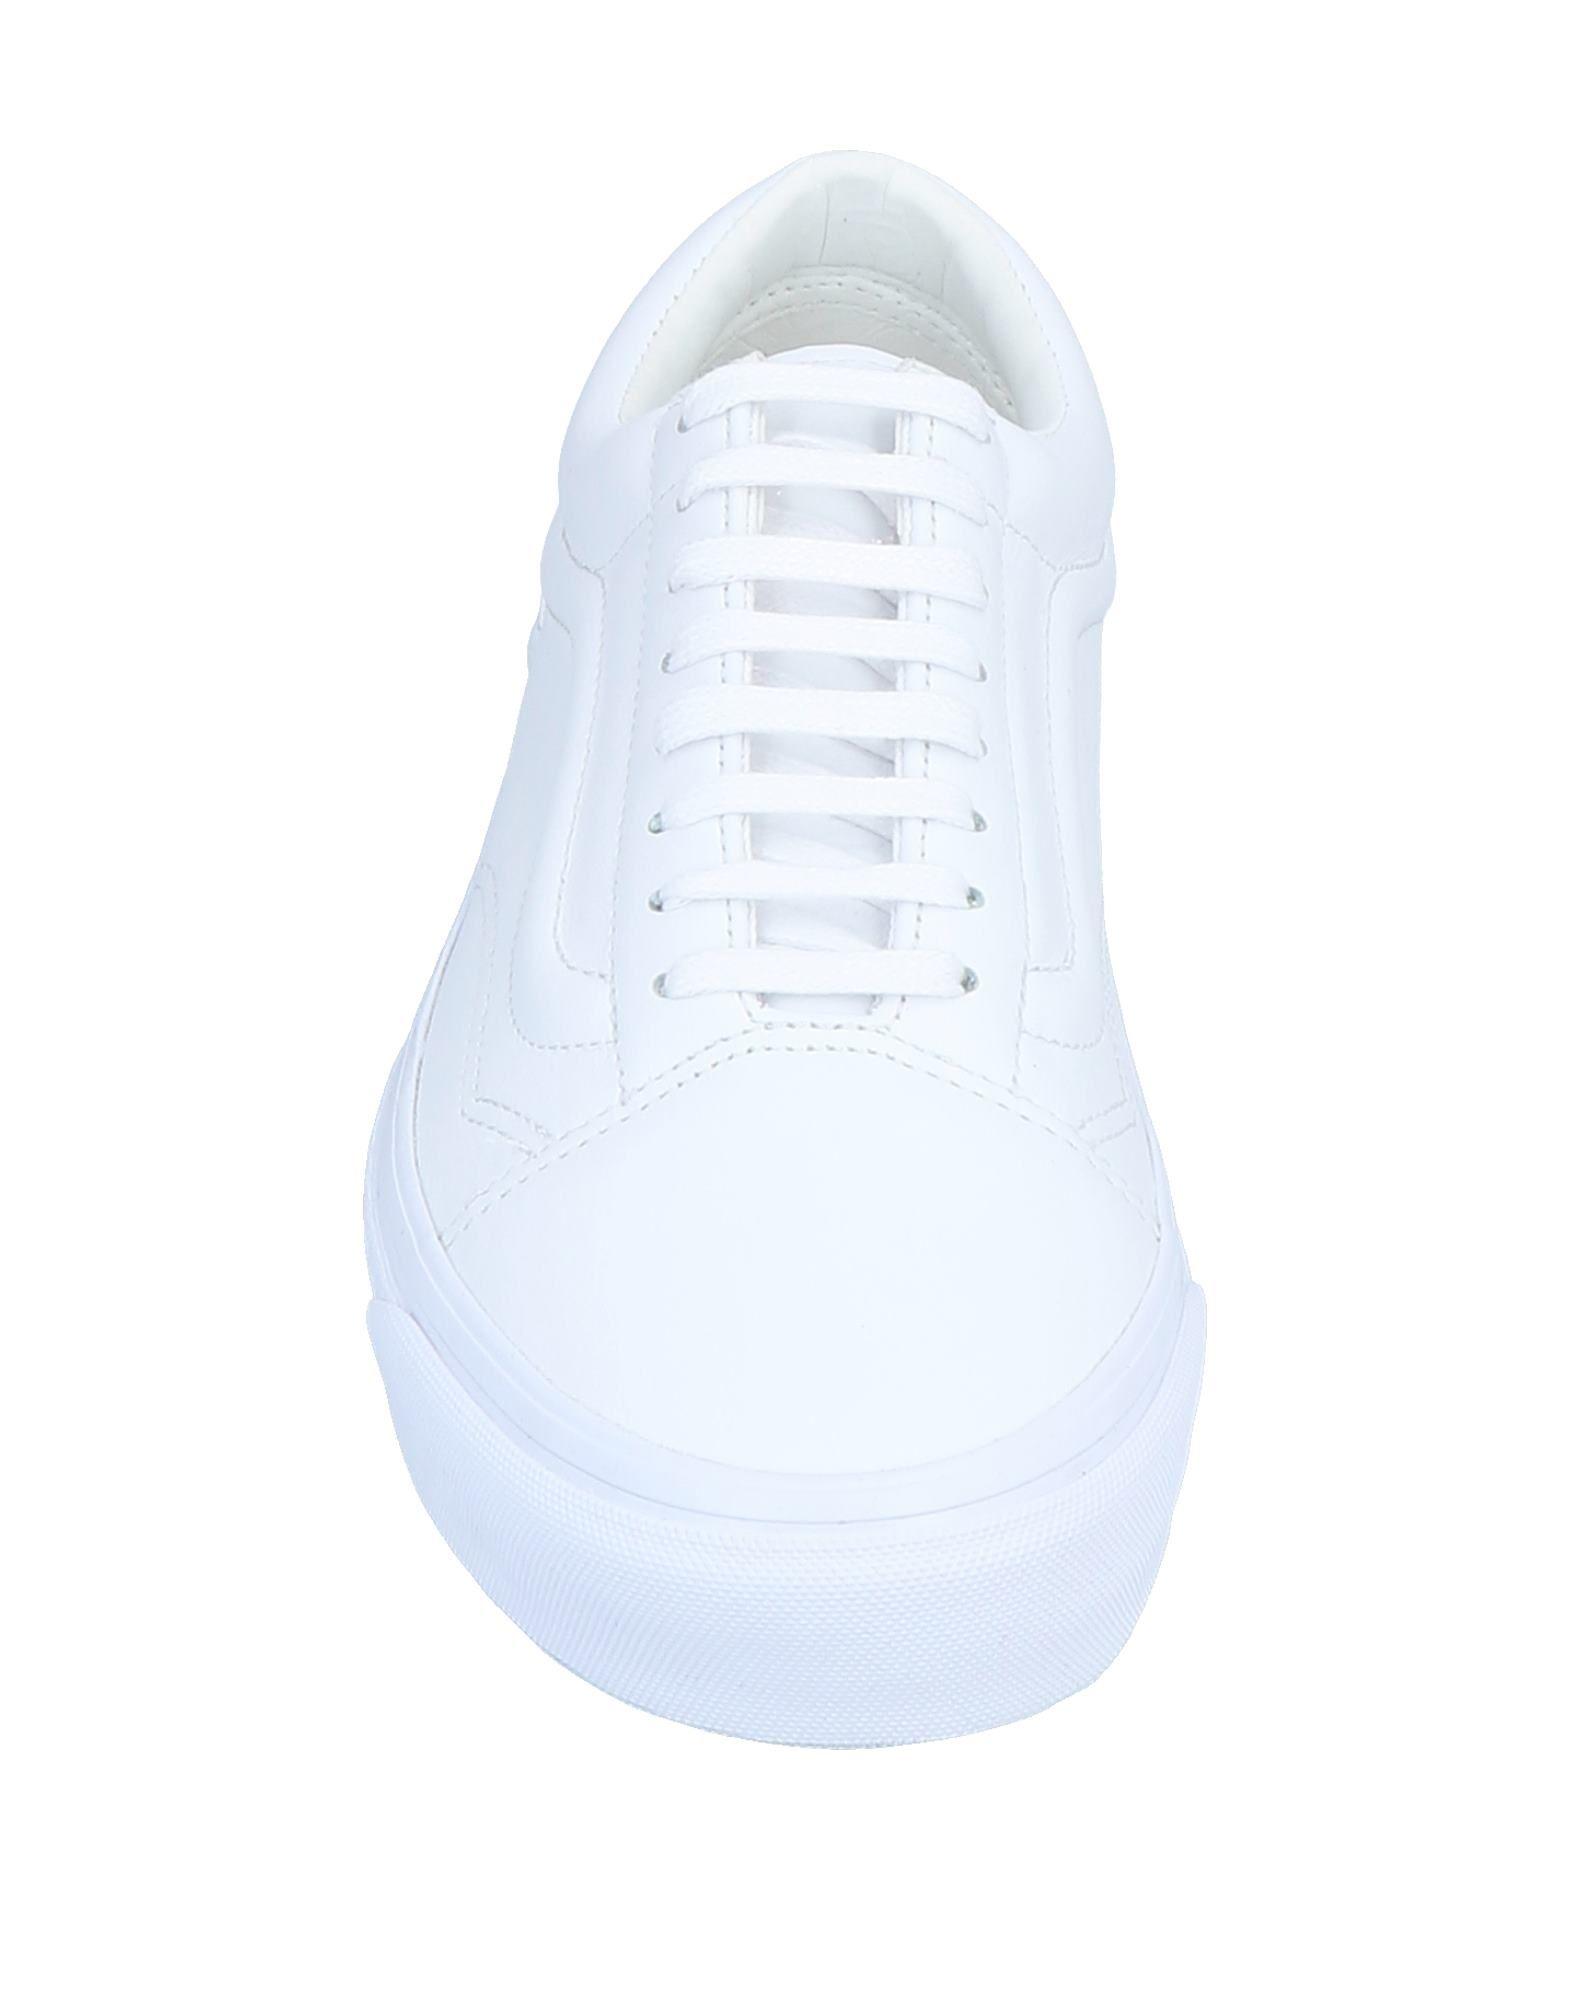 Vans Sneakers - Men Vans Australia Sneakers online on  Australia Vans - 11573610TO 2029f0